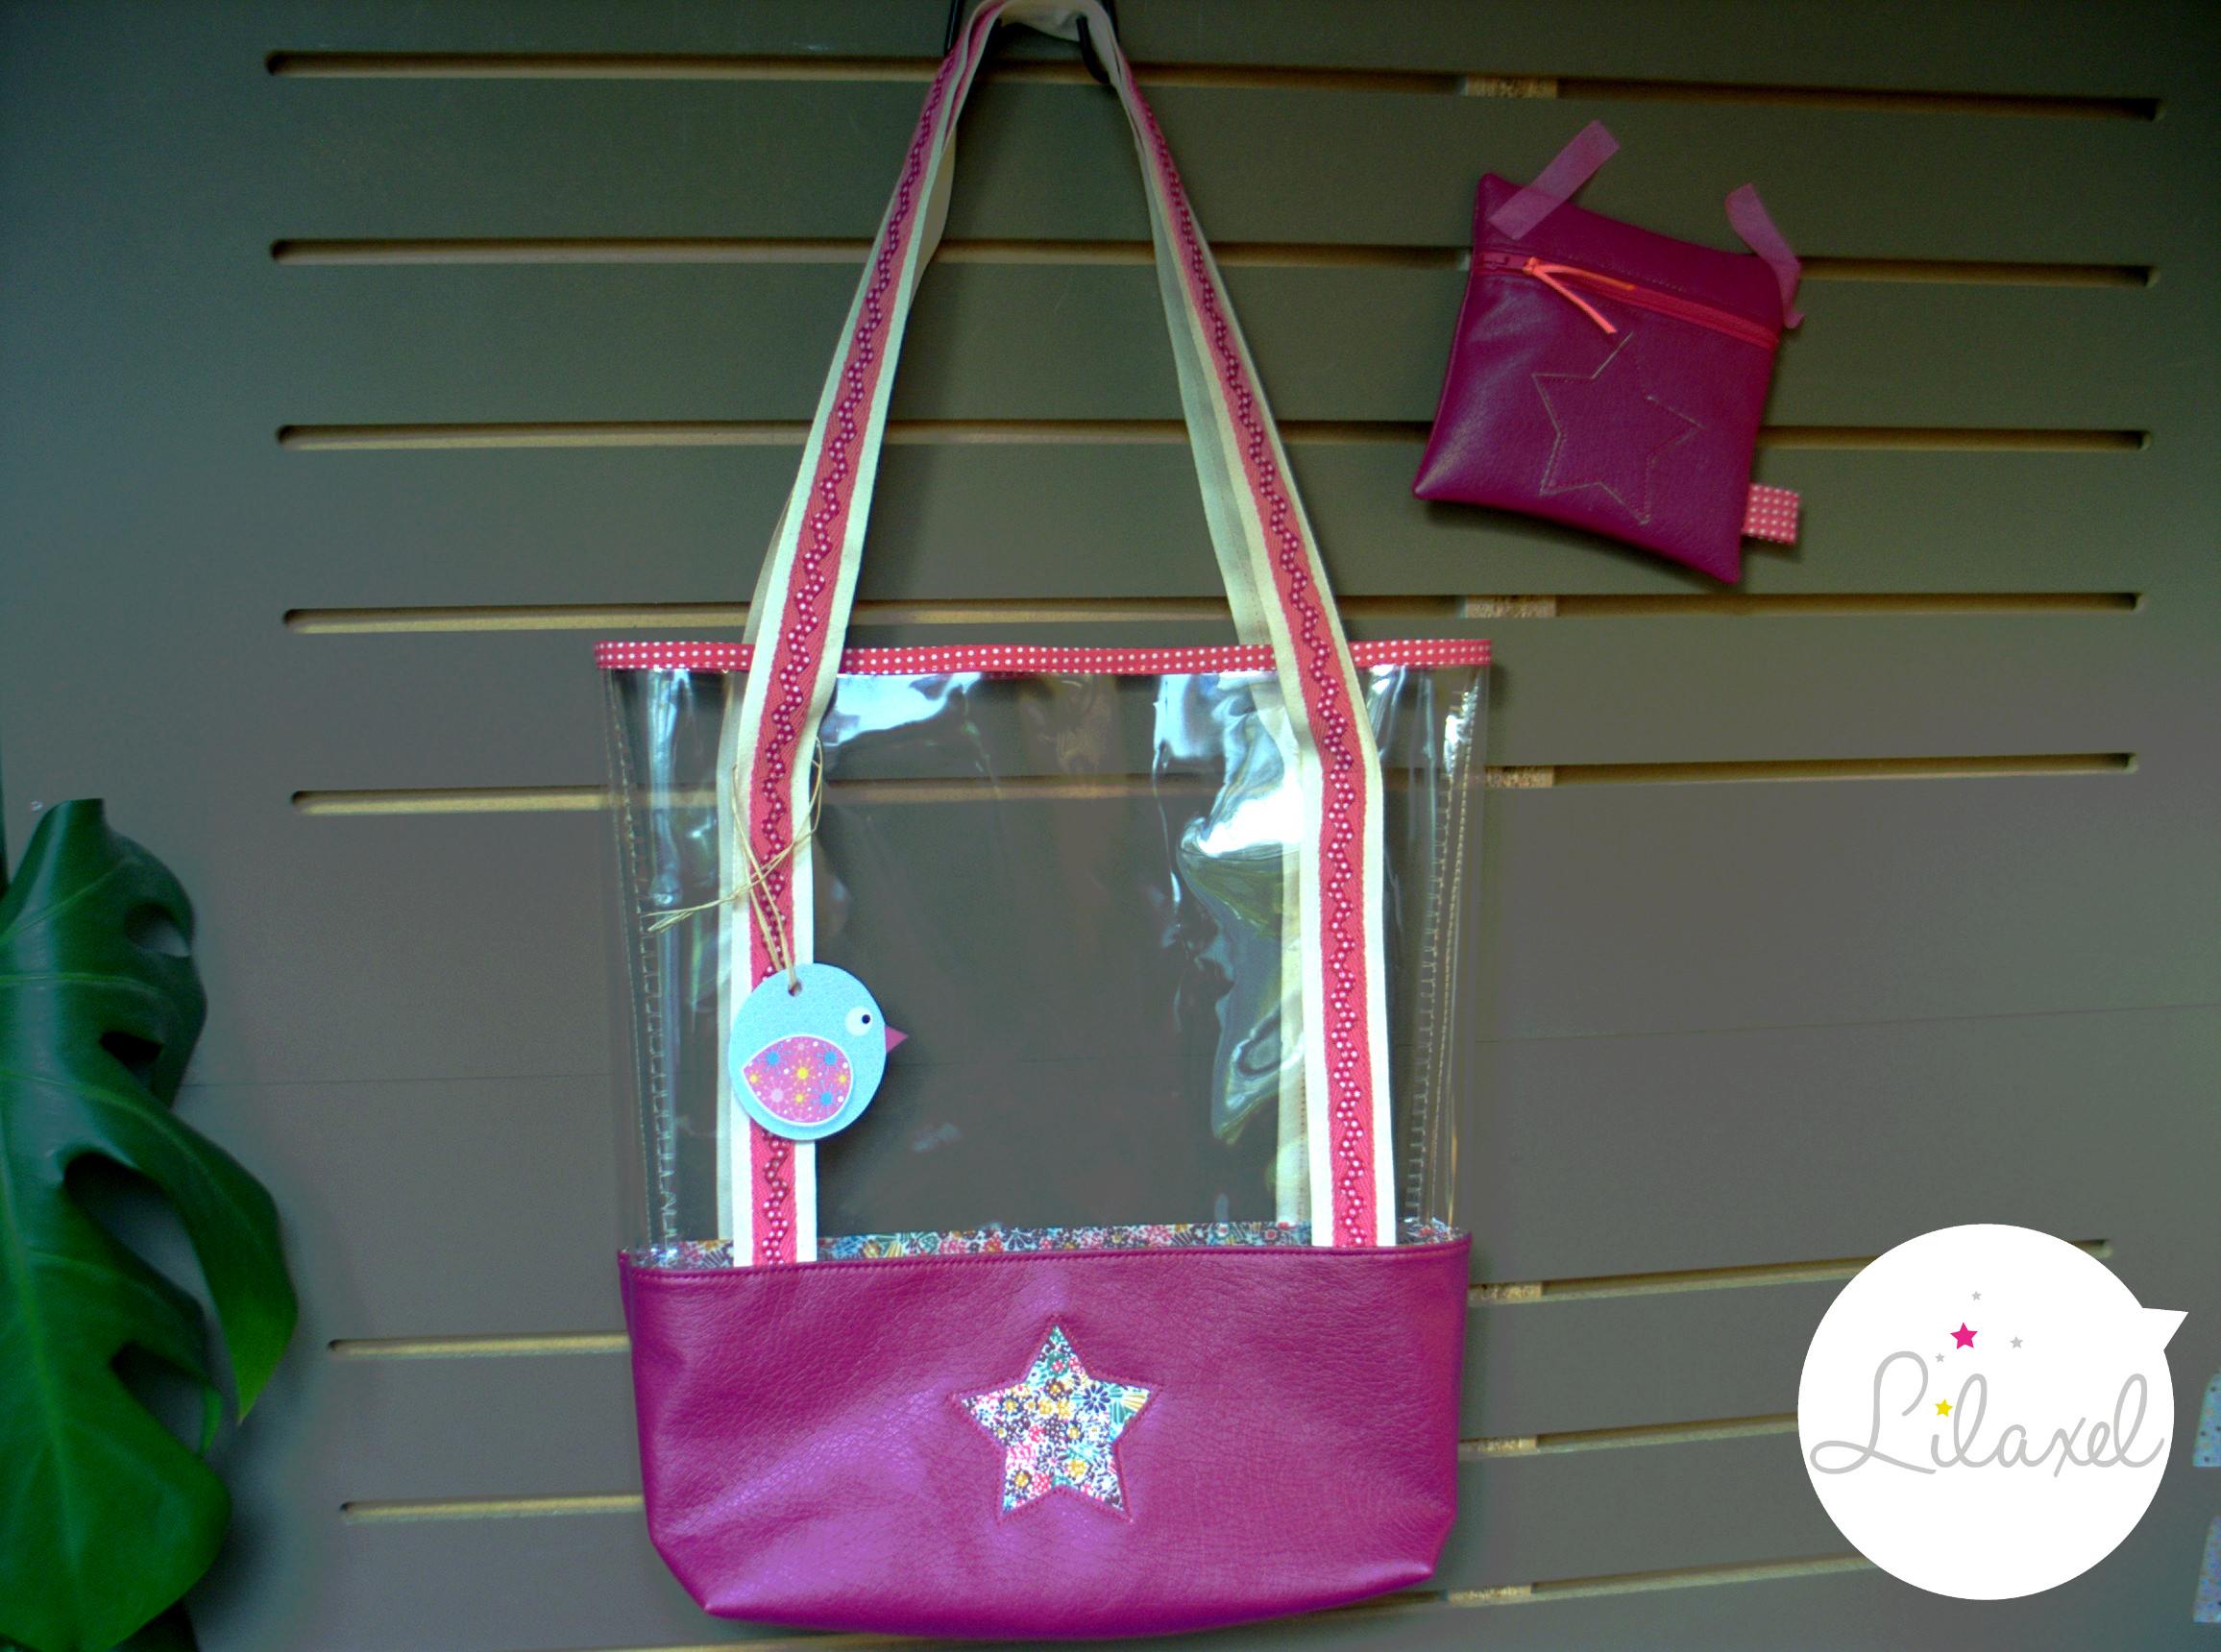 Un sac tout en couleurs